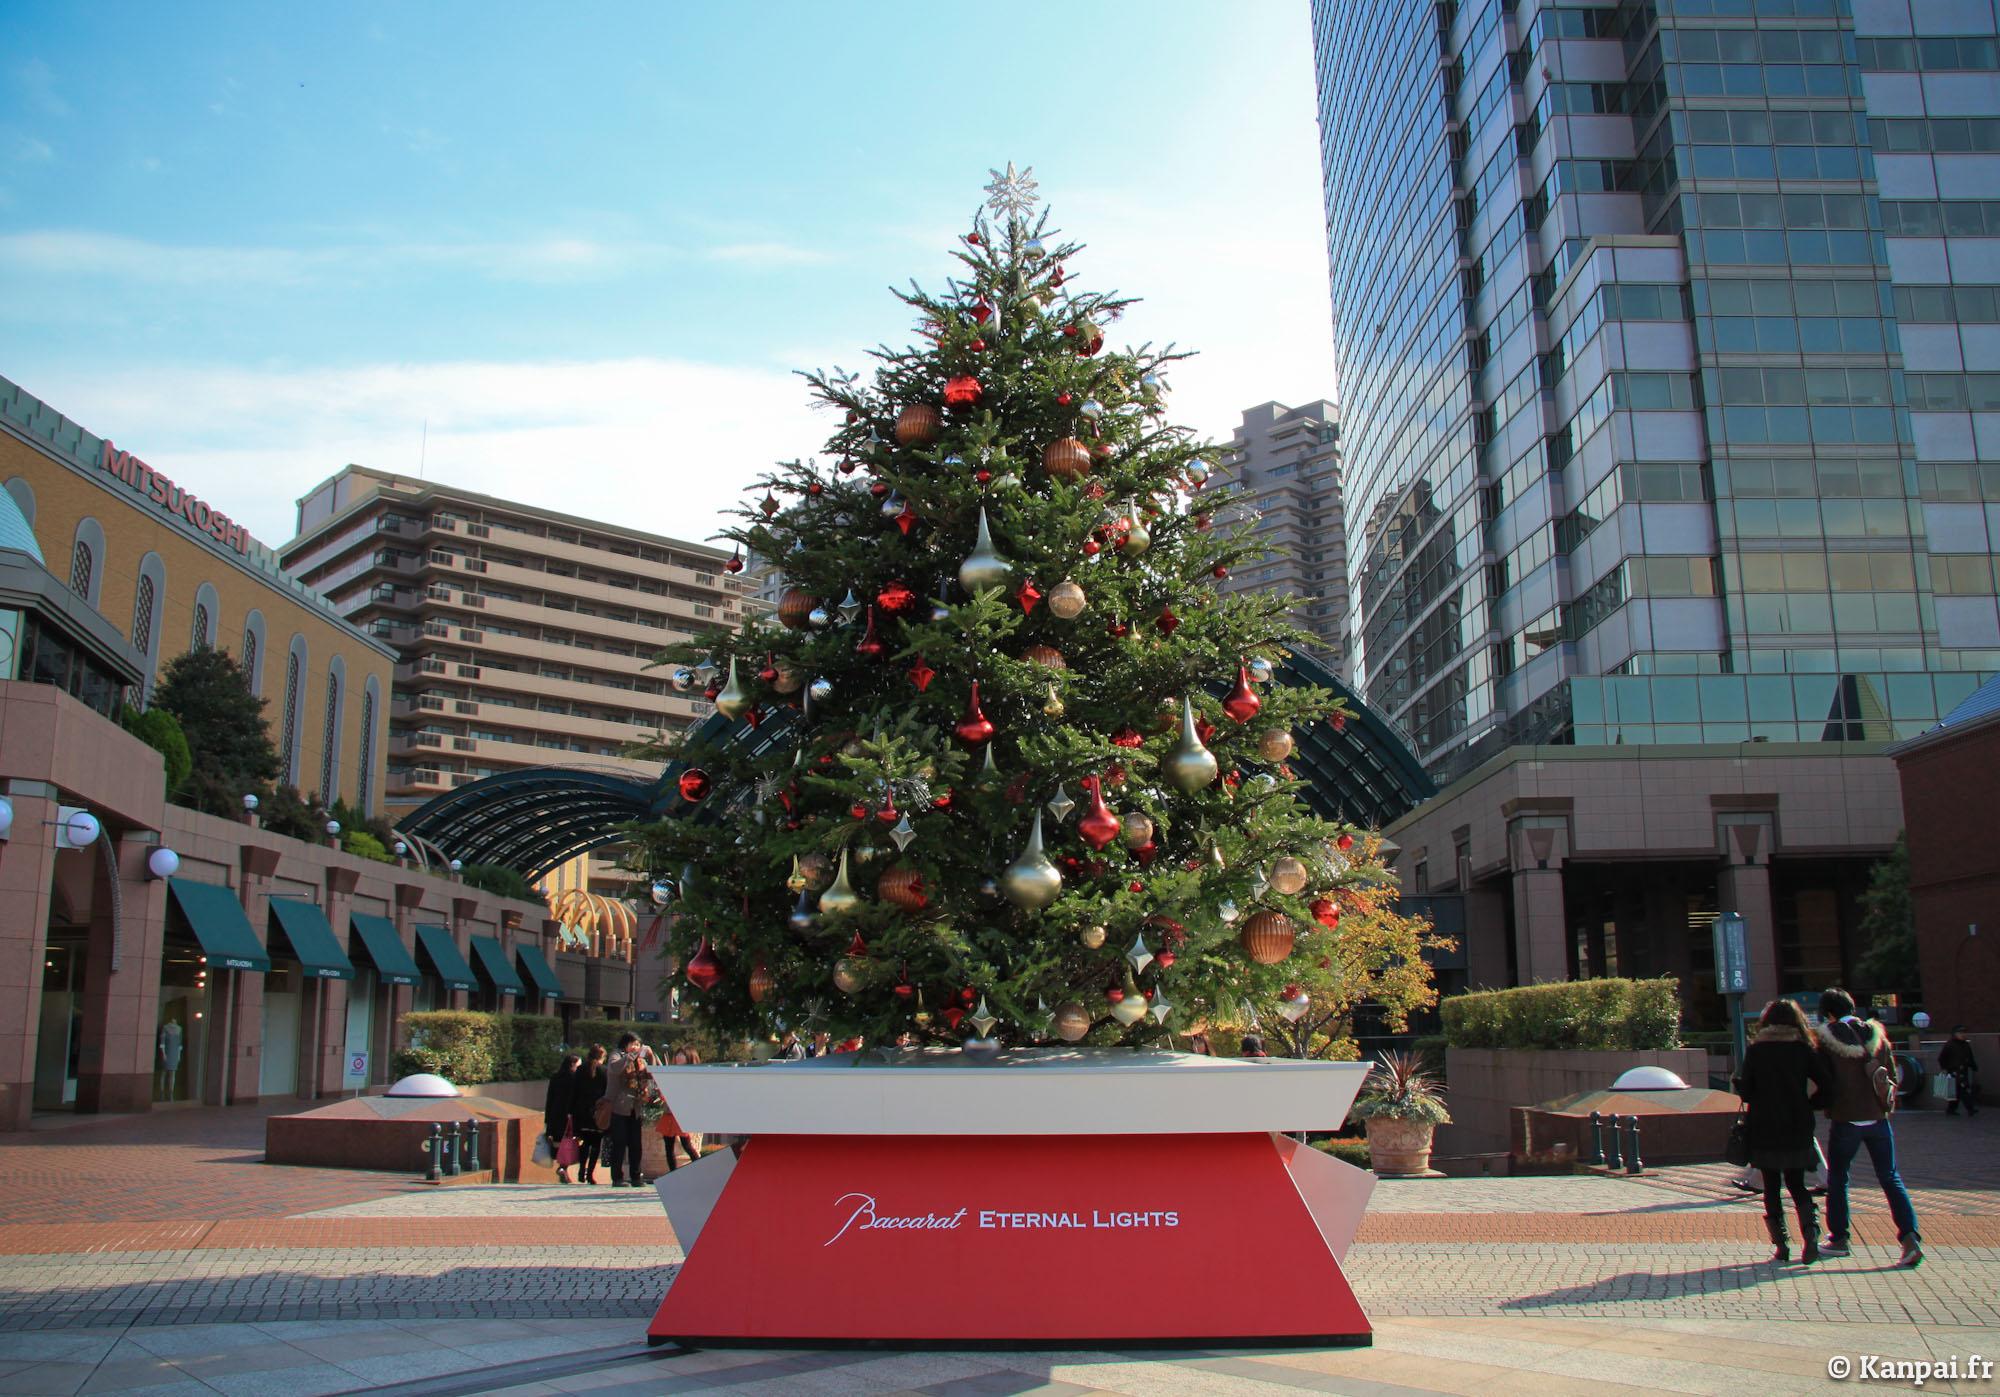 #2580A6 Tokyo à Noël 5327 decorations de noel au japon 2000x1397 px @ aertt.com